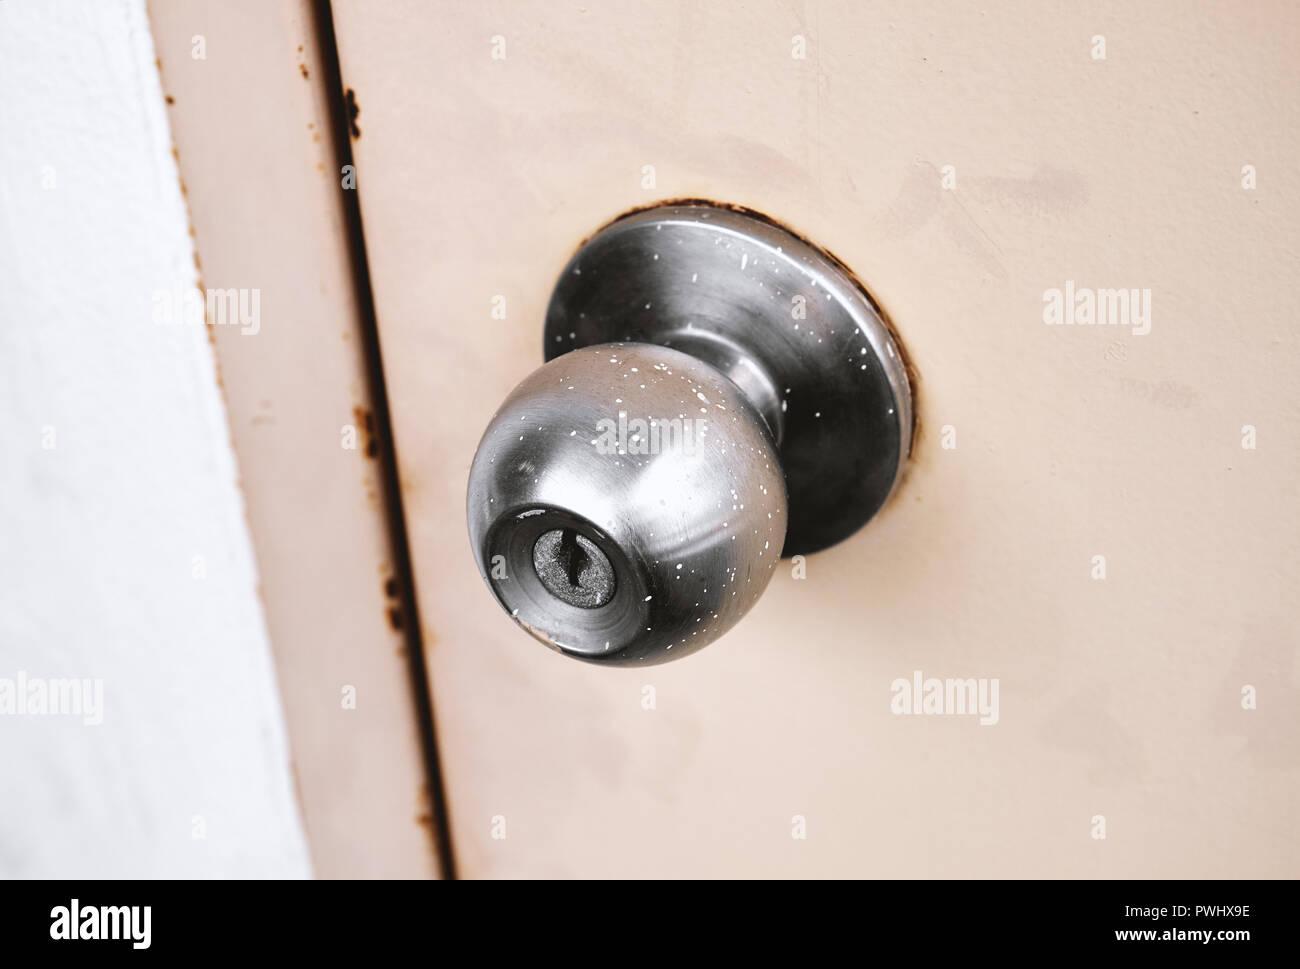 Old rusty stainless steel knob door on fire exit emergency door. - Stock Image